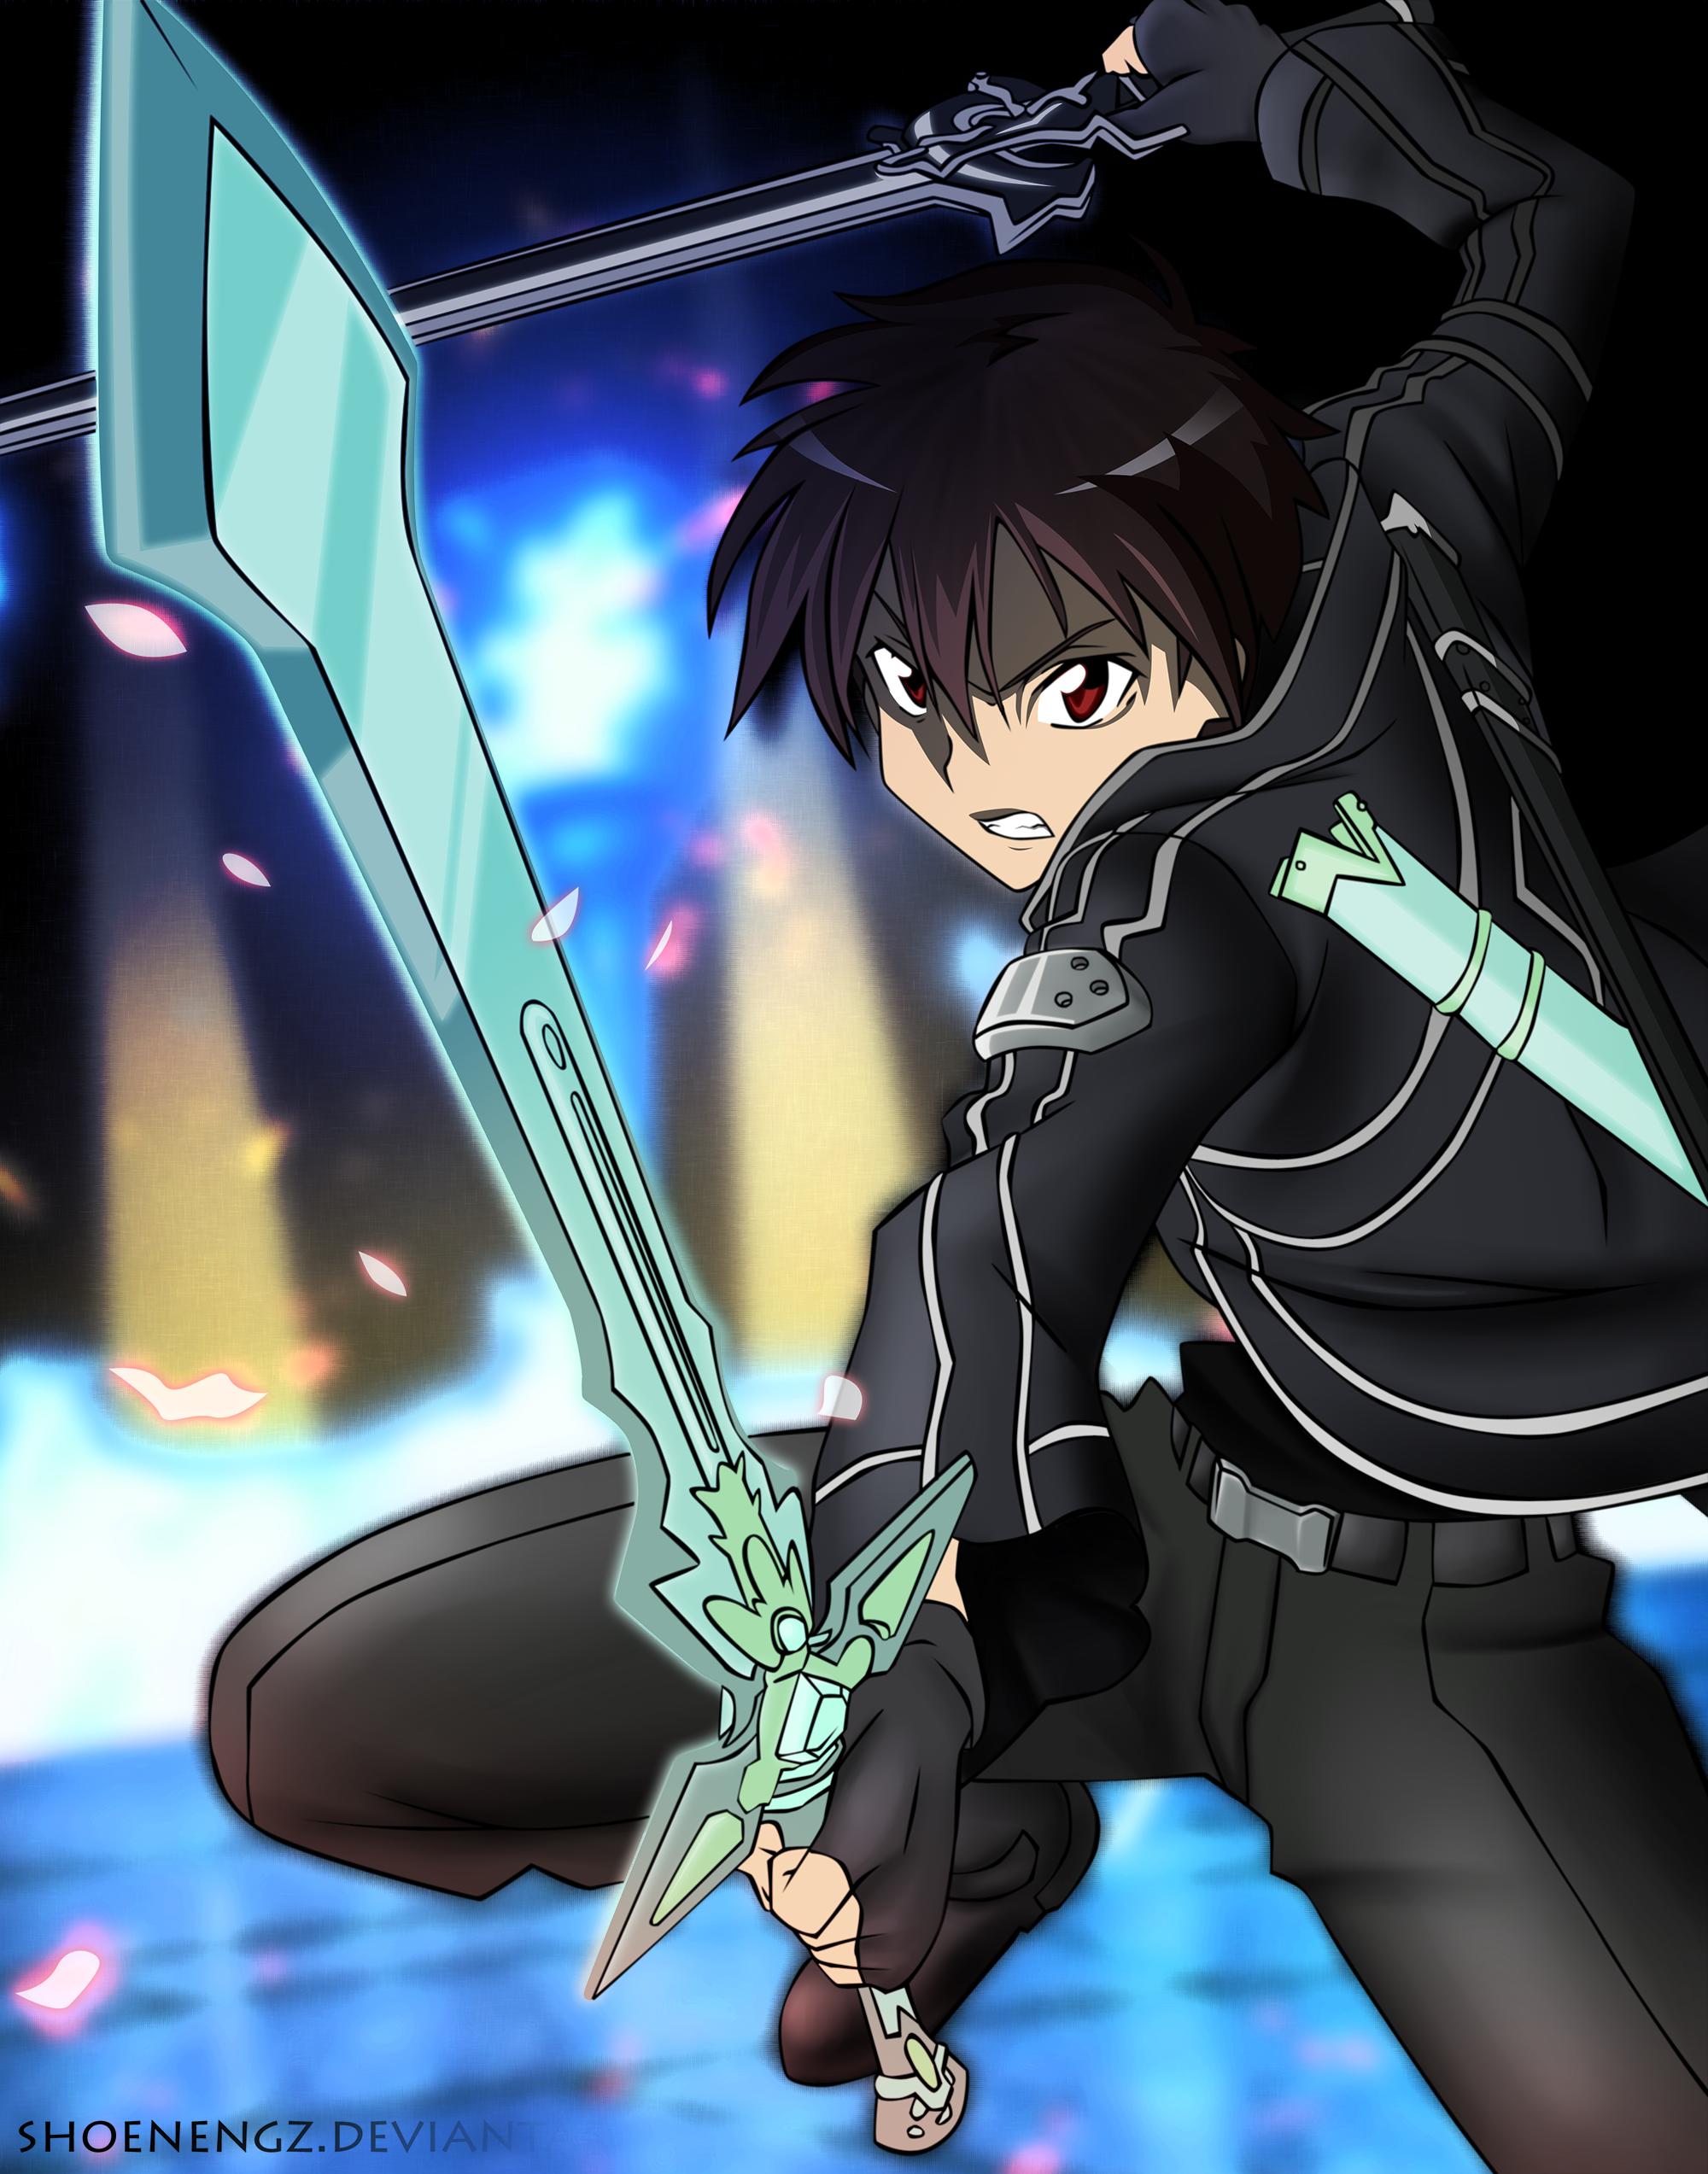 SAO Kirito By Shoenengz On DeviantArt